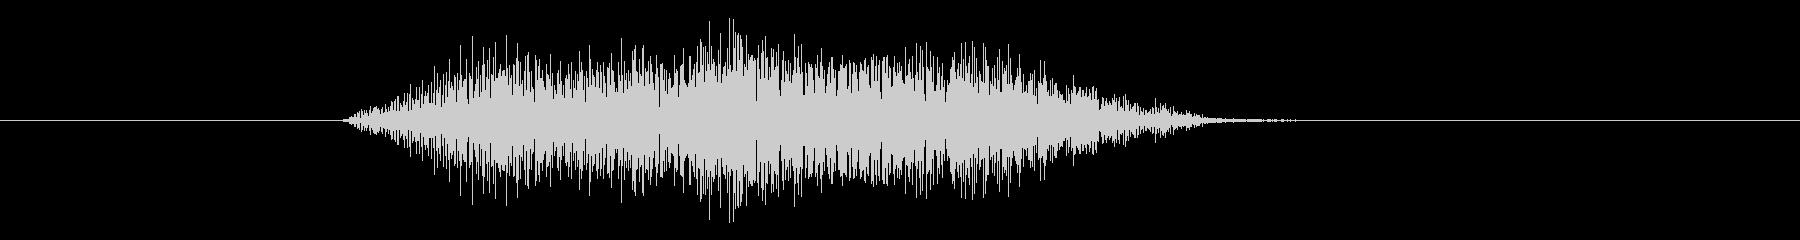 コミカルな効果音_11の未再生の波形